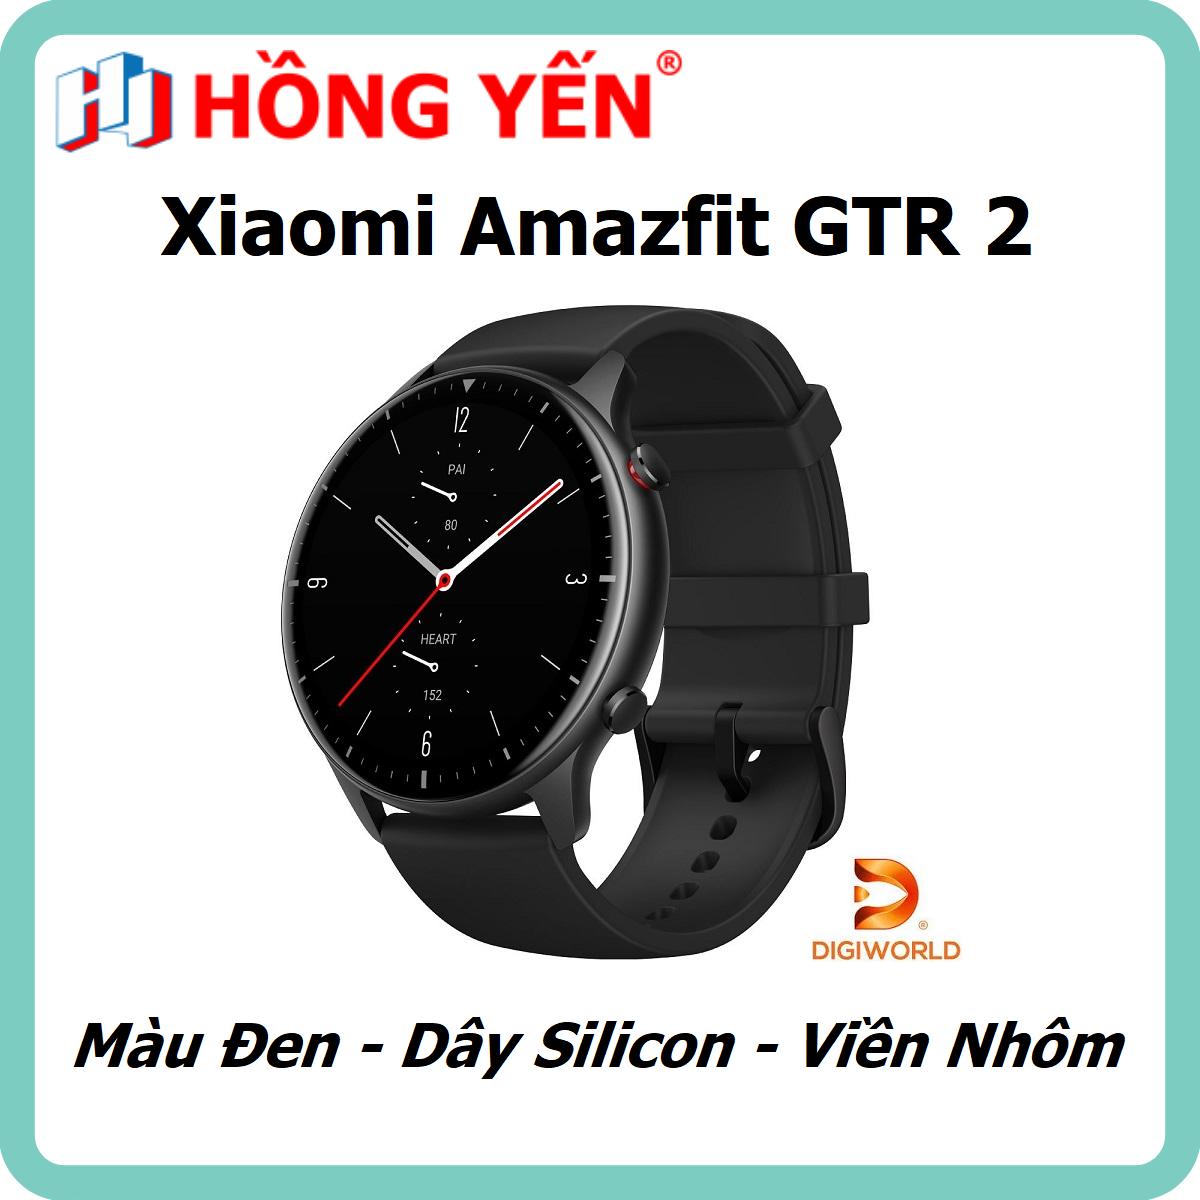 Đồng hồ thông minh Xiaomi Amazfit GTR 2 - Hàng Chính Hãng - Digiworld Phân Phối - Bảo Hành 12 Tháng